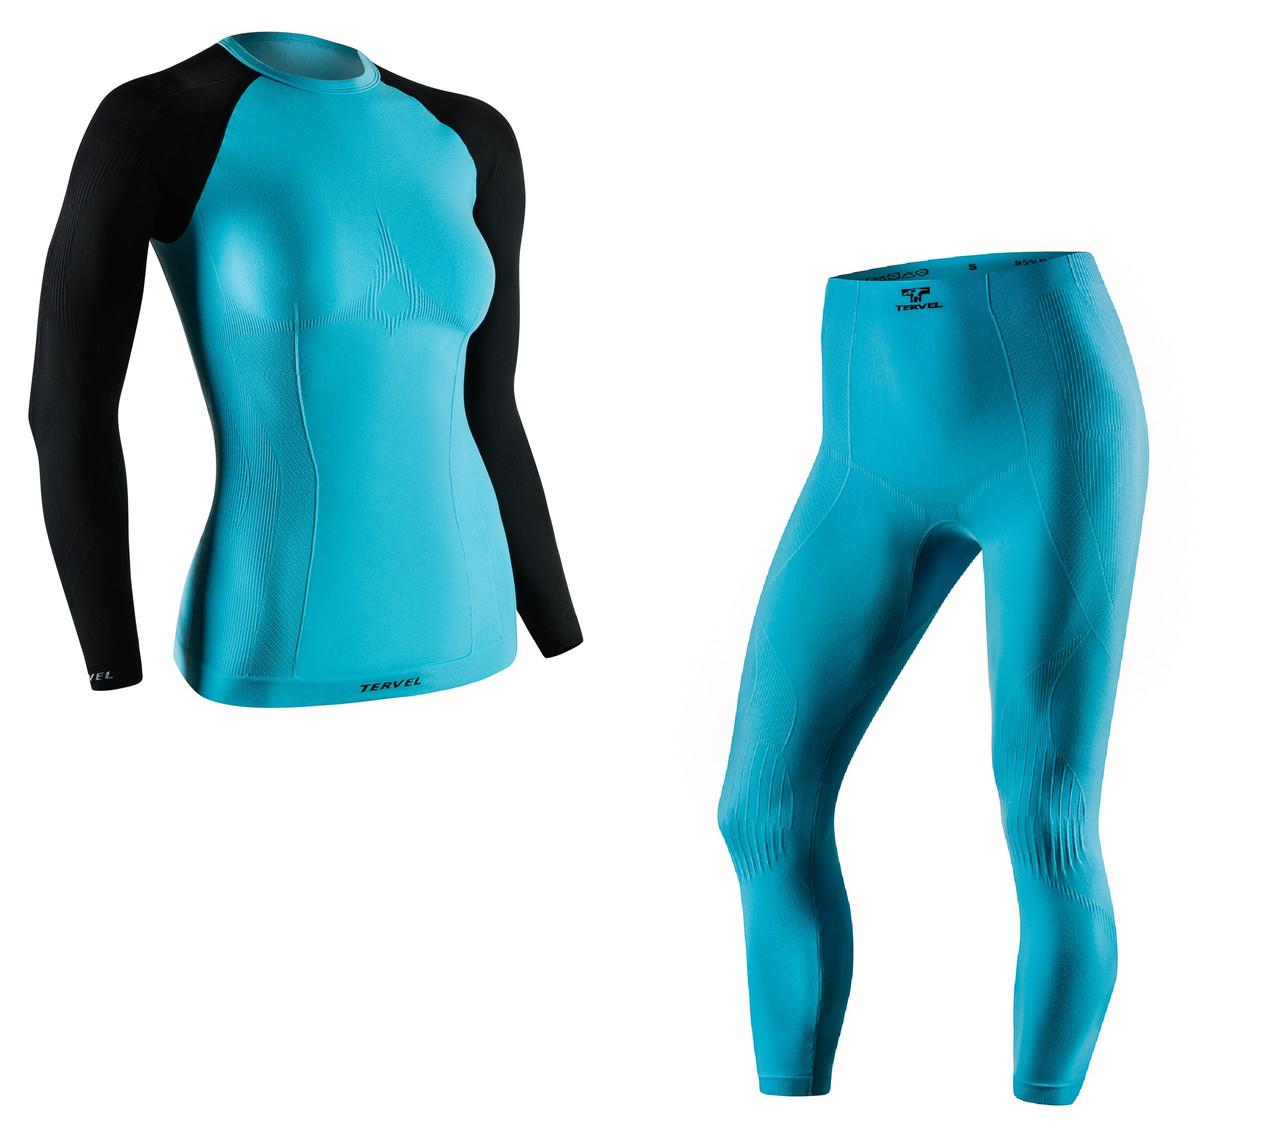 Термобелье женское спортивное Tervel Comfortline (original), комплект, зональное, бесшовное SportLavka